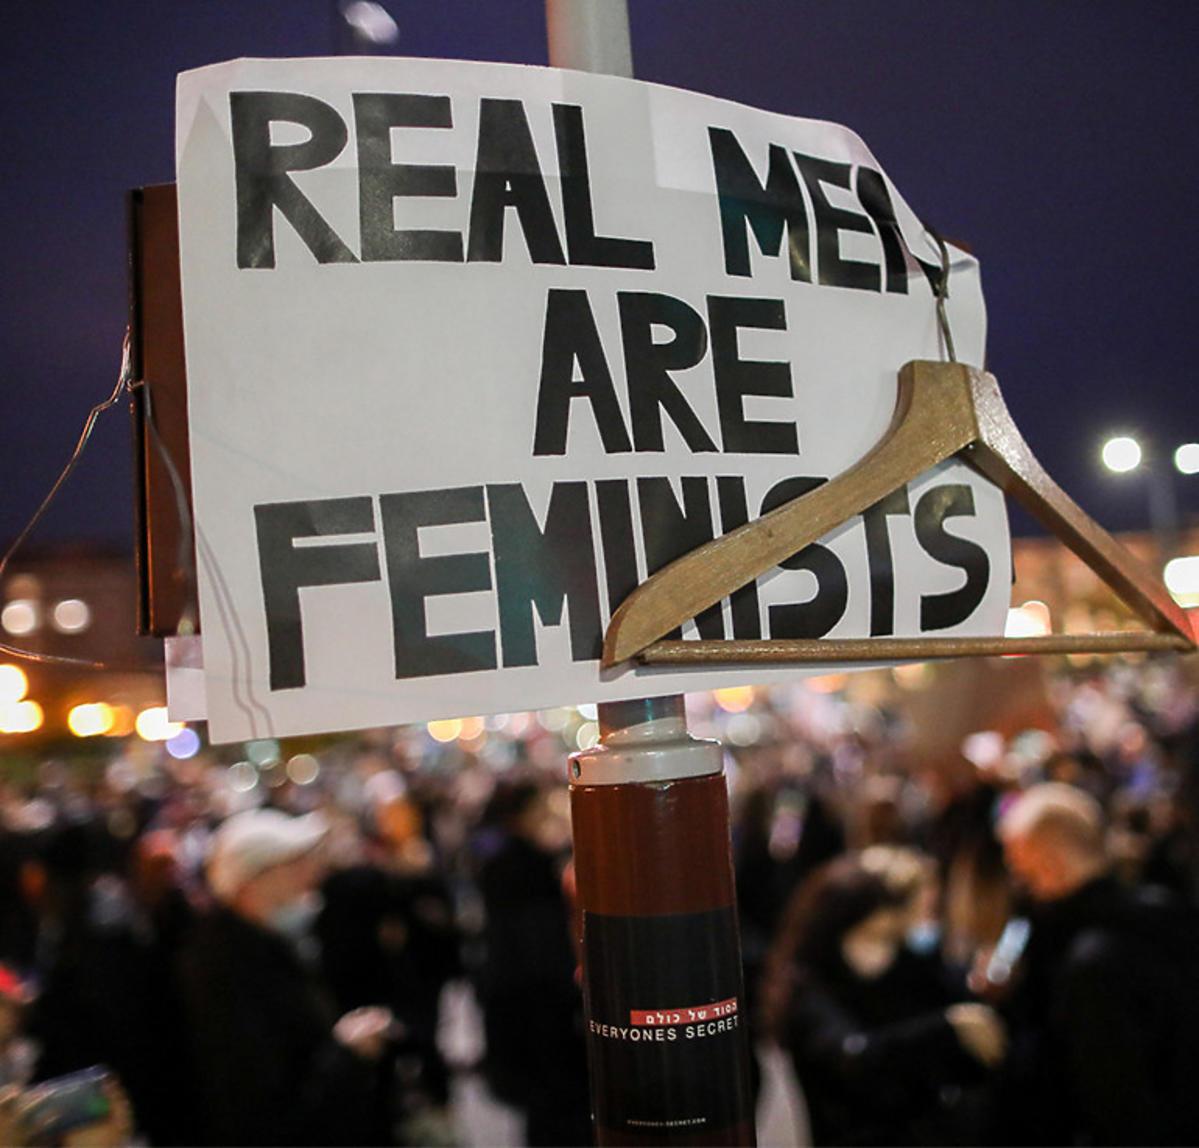 BMW wjechało w tłum protestujących podczas strajku kobiet